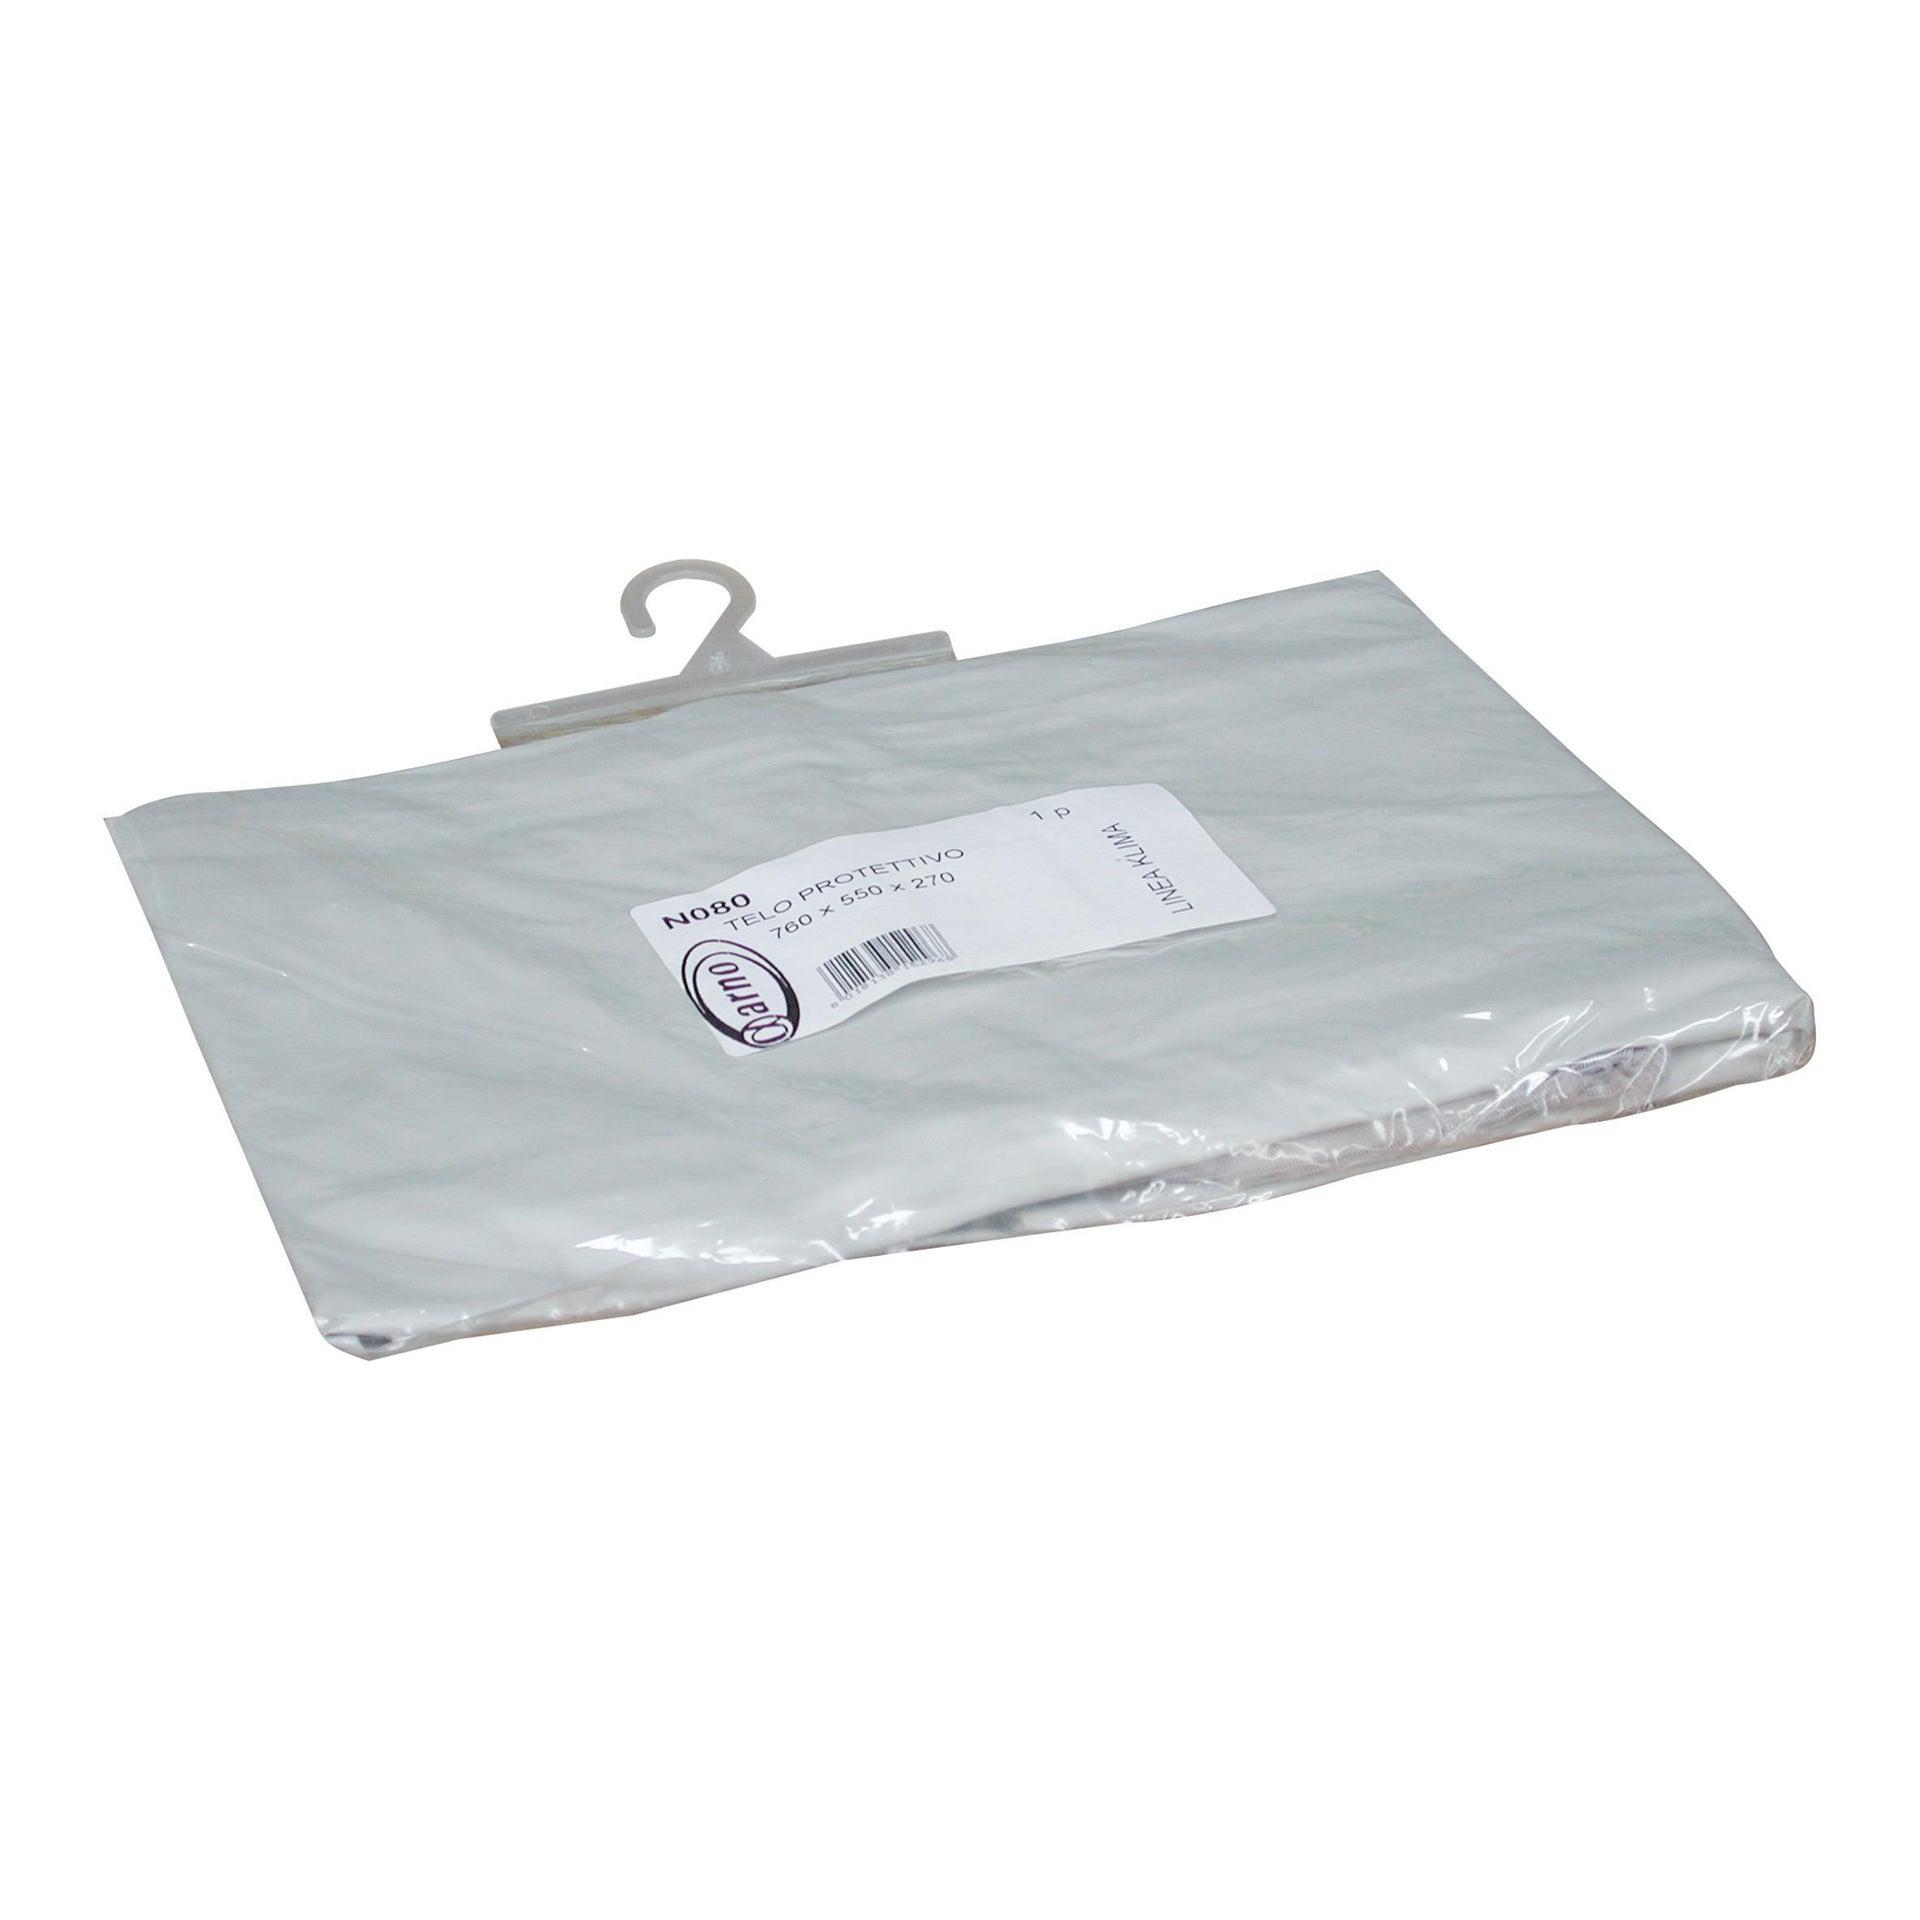 Copertura protettiva per condizionatore in pvc L 86 x P 40 x H 70 cm - 2